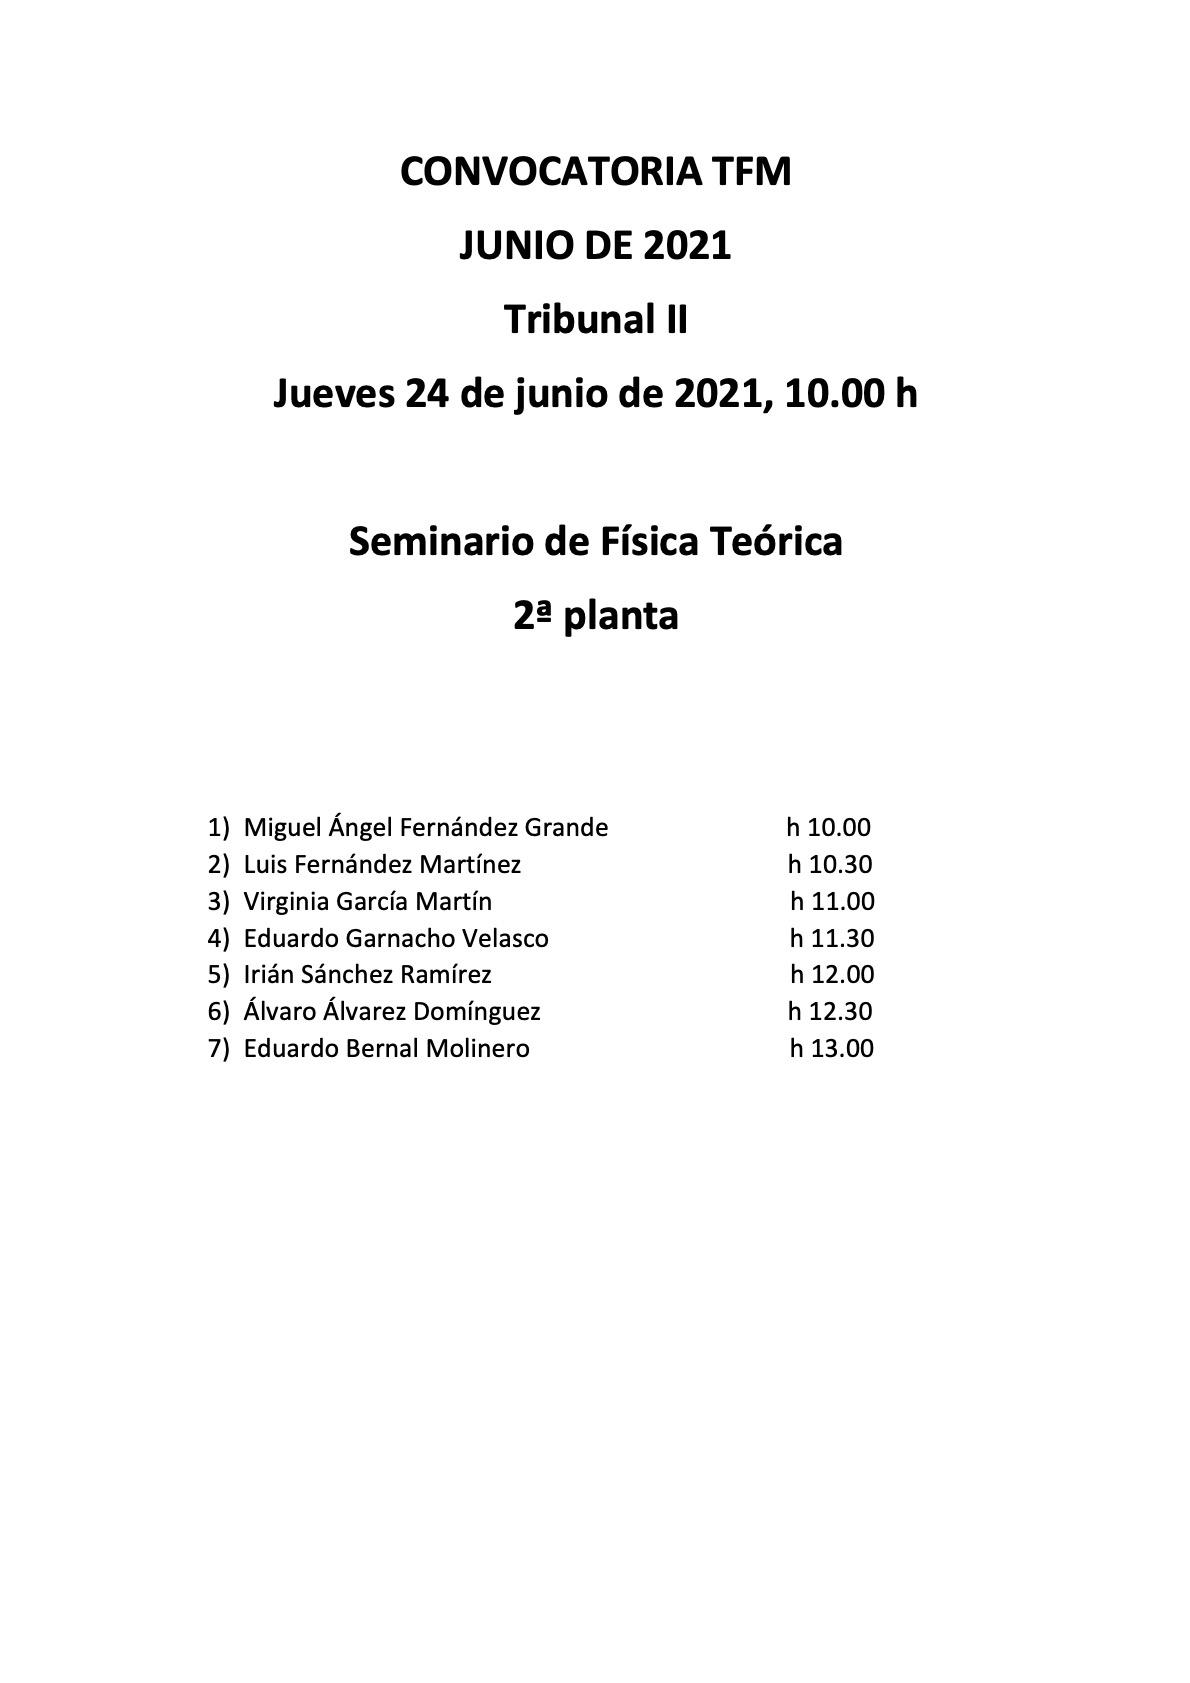 https://www.ucm.es/masterfisicateorica/file/convocatoria_tribunal_ii_junio_2021/?ver=t